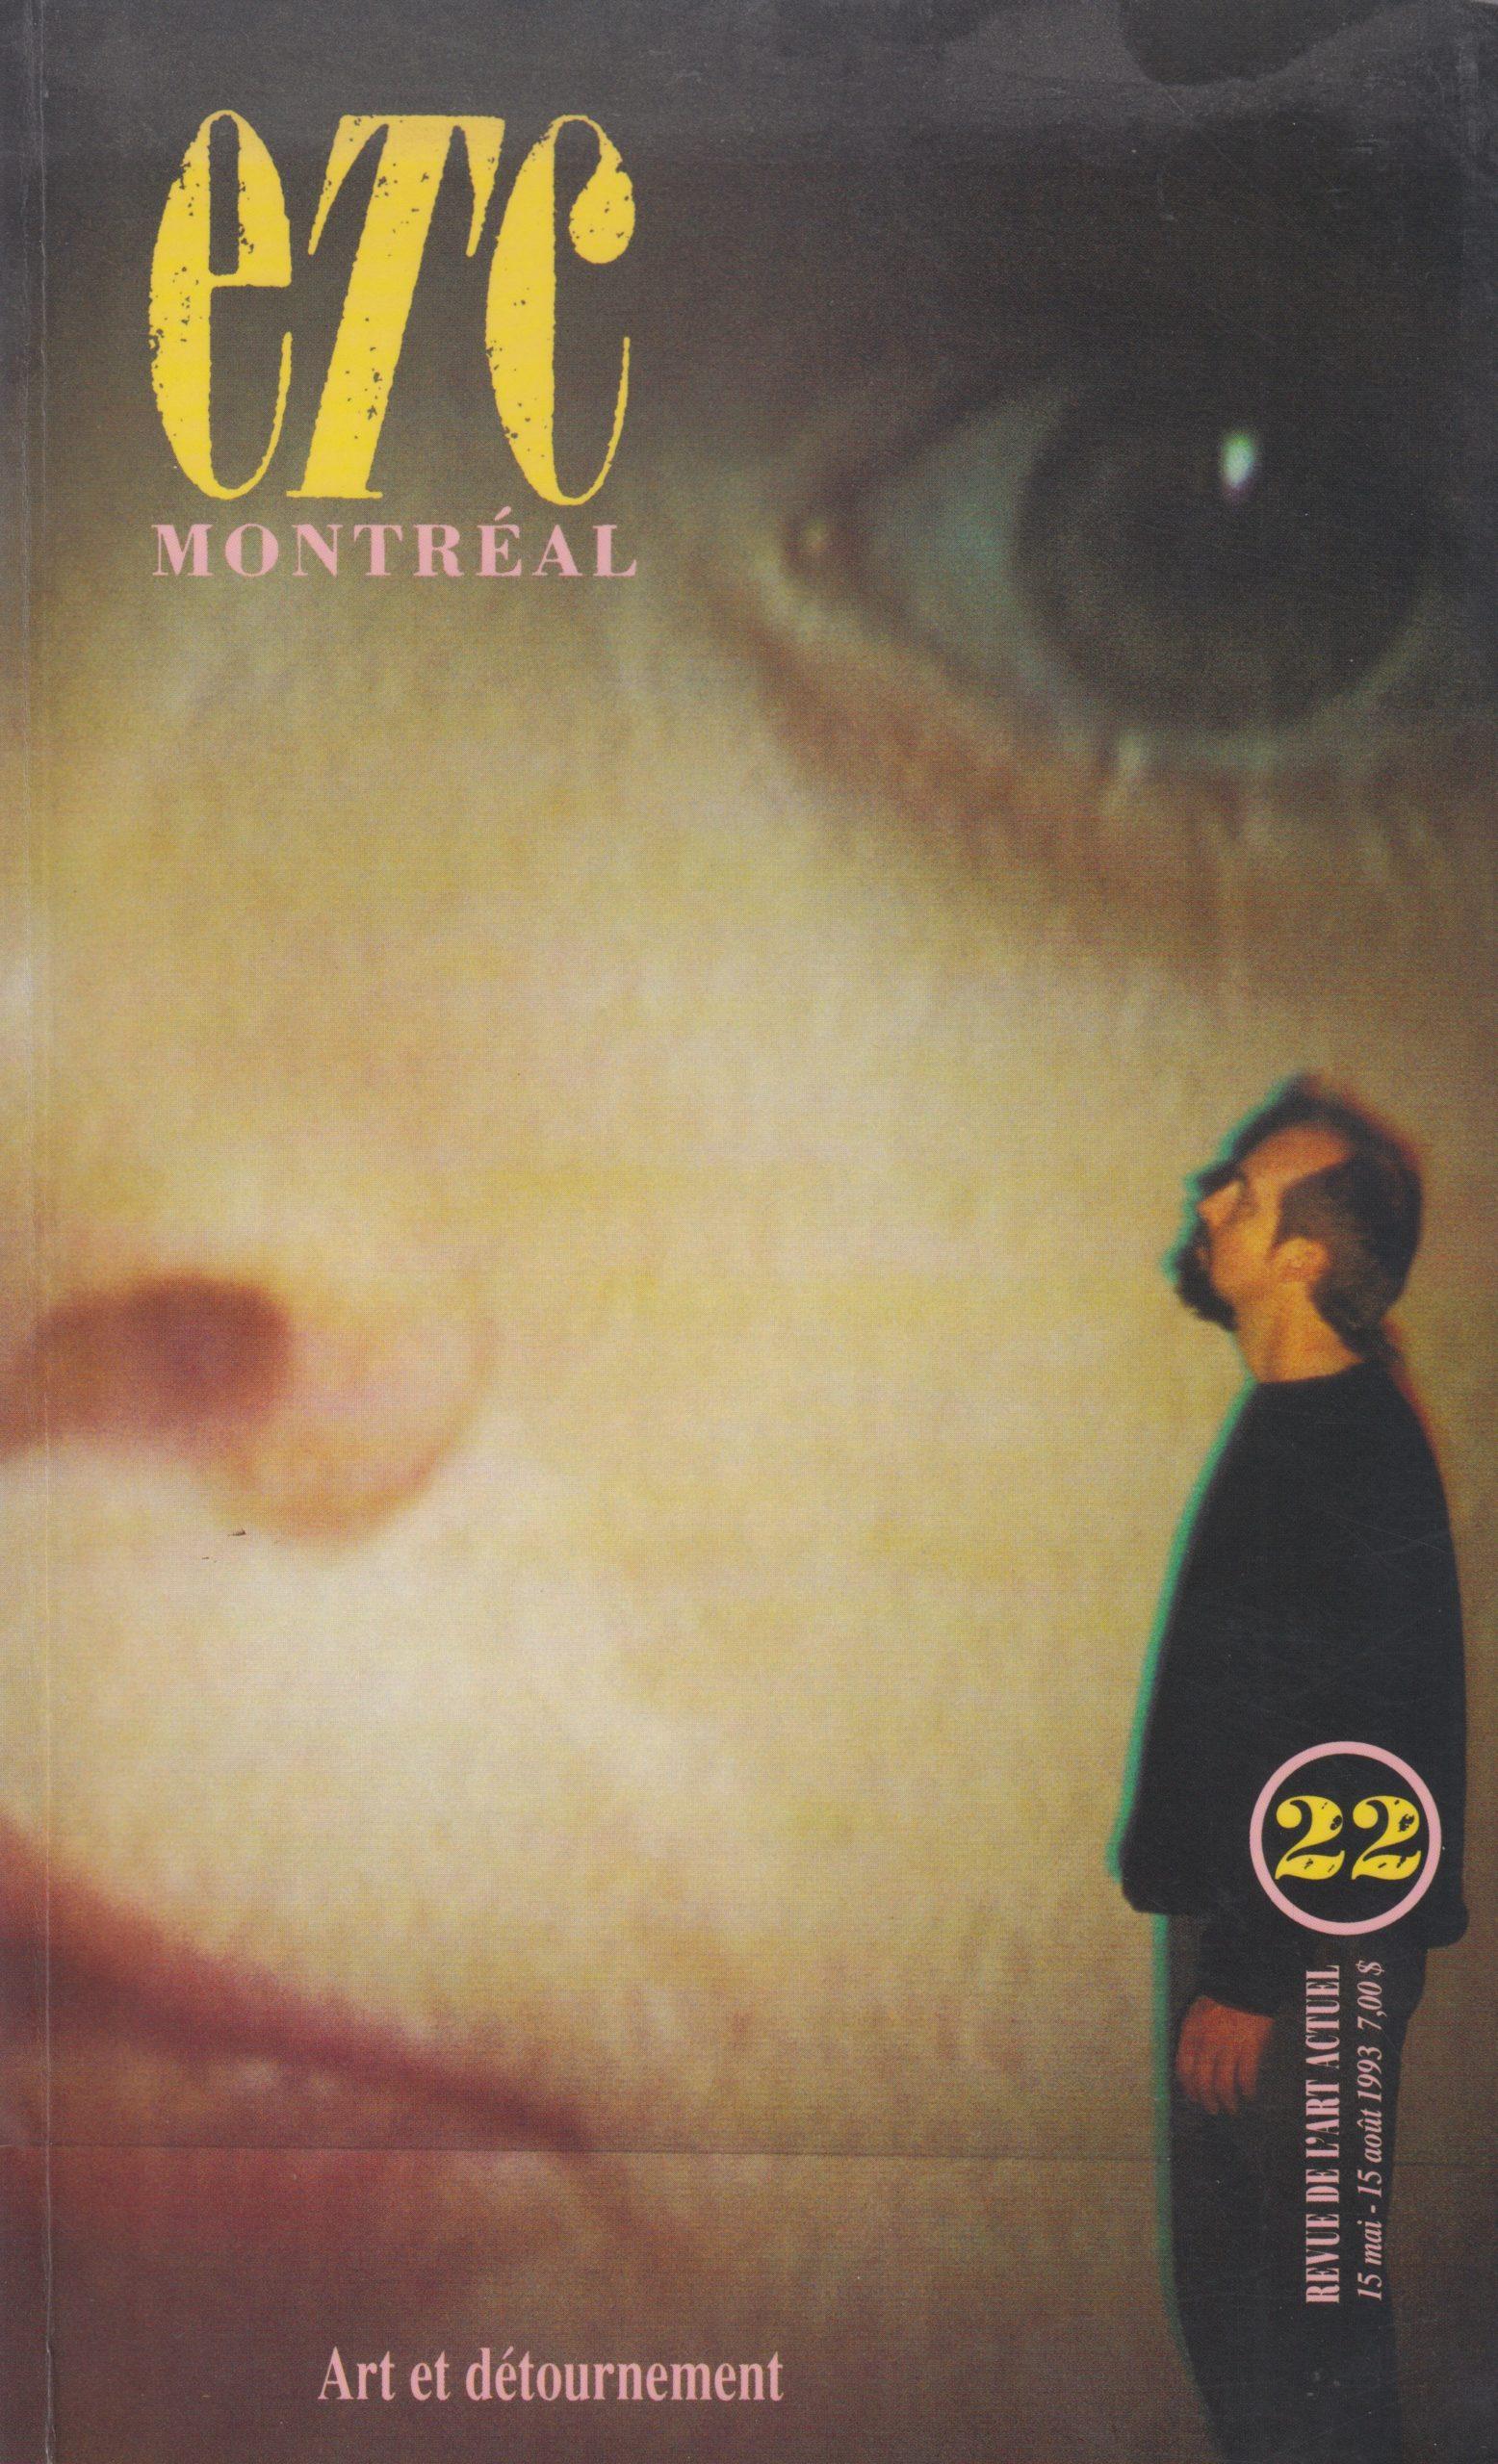 Voir autrement, Yvan Moreau, ETC Montréal, no 22, 1993